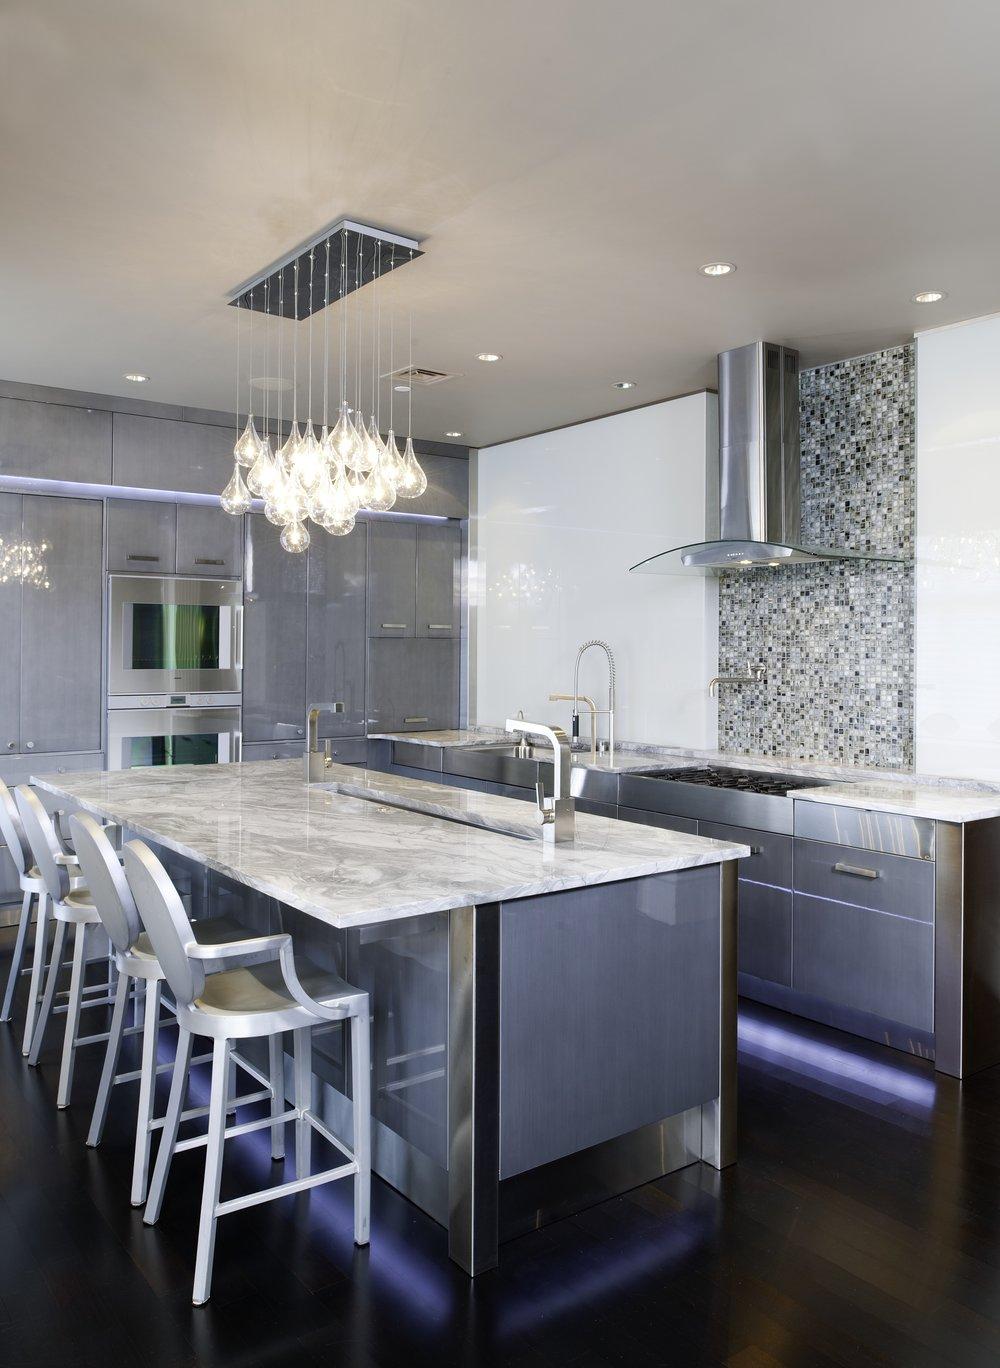 KBC_kitchen_bath_concepts_Kitchen_39.jpg